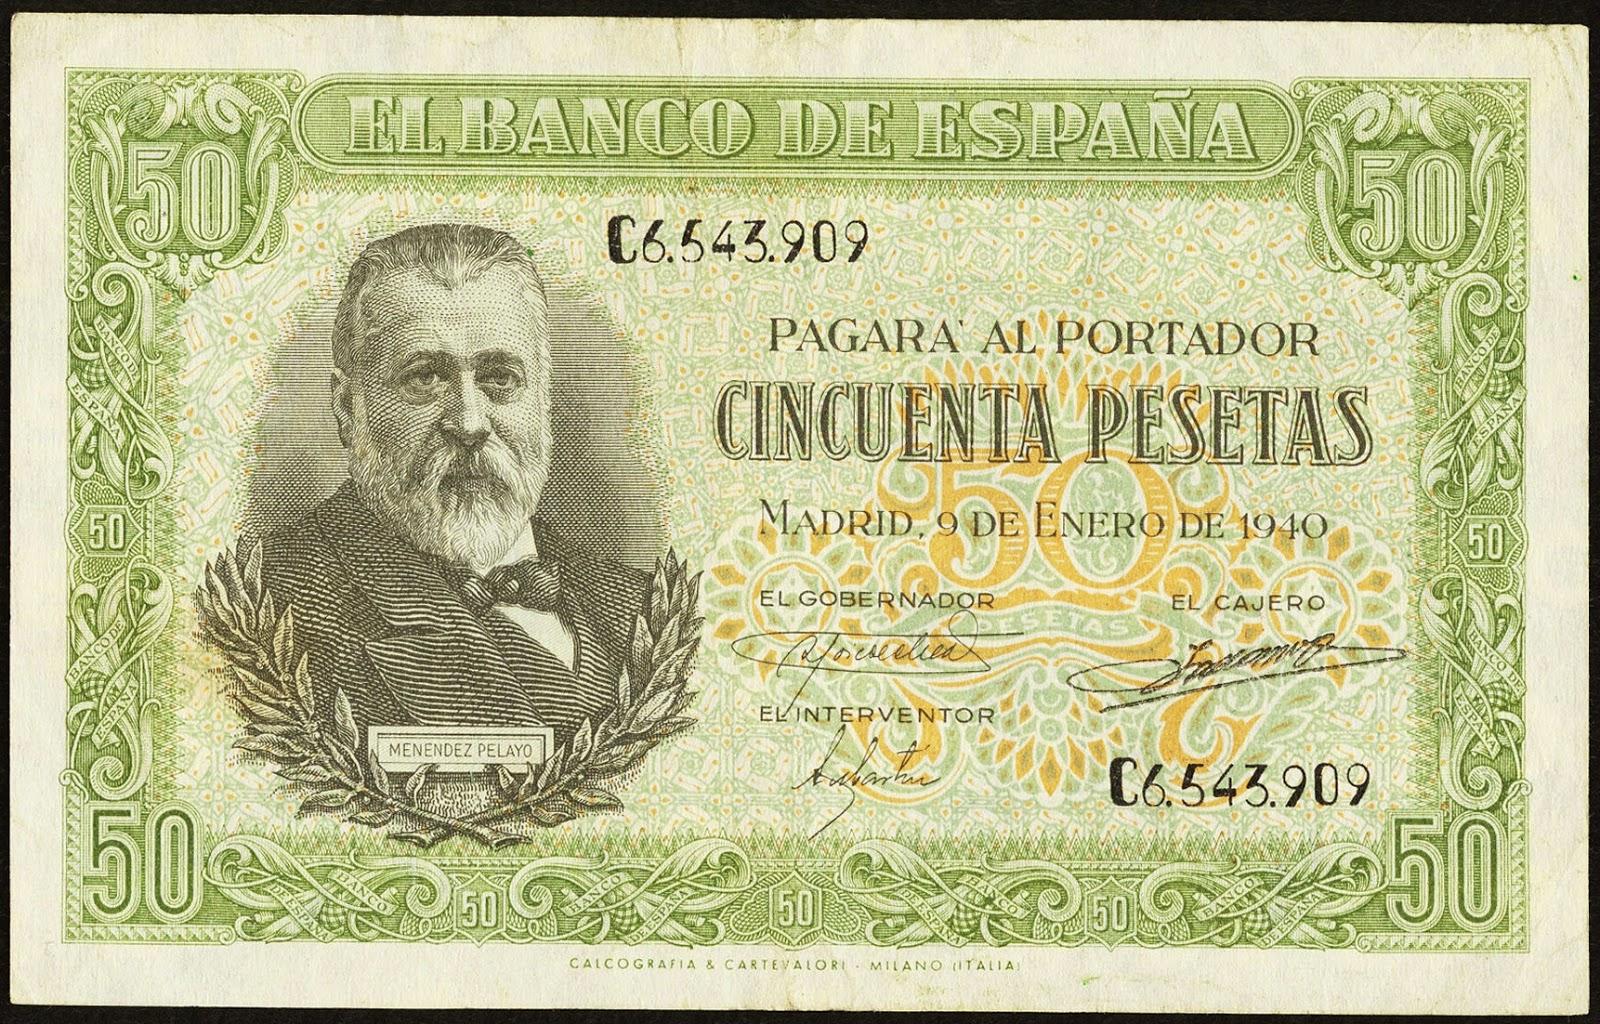 Spain Banknotes 50 Pesetas banknote 1940 Marcelino Menéndez y Pelayo